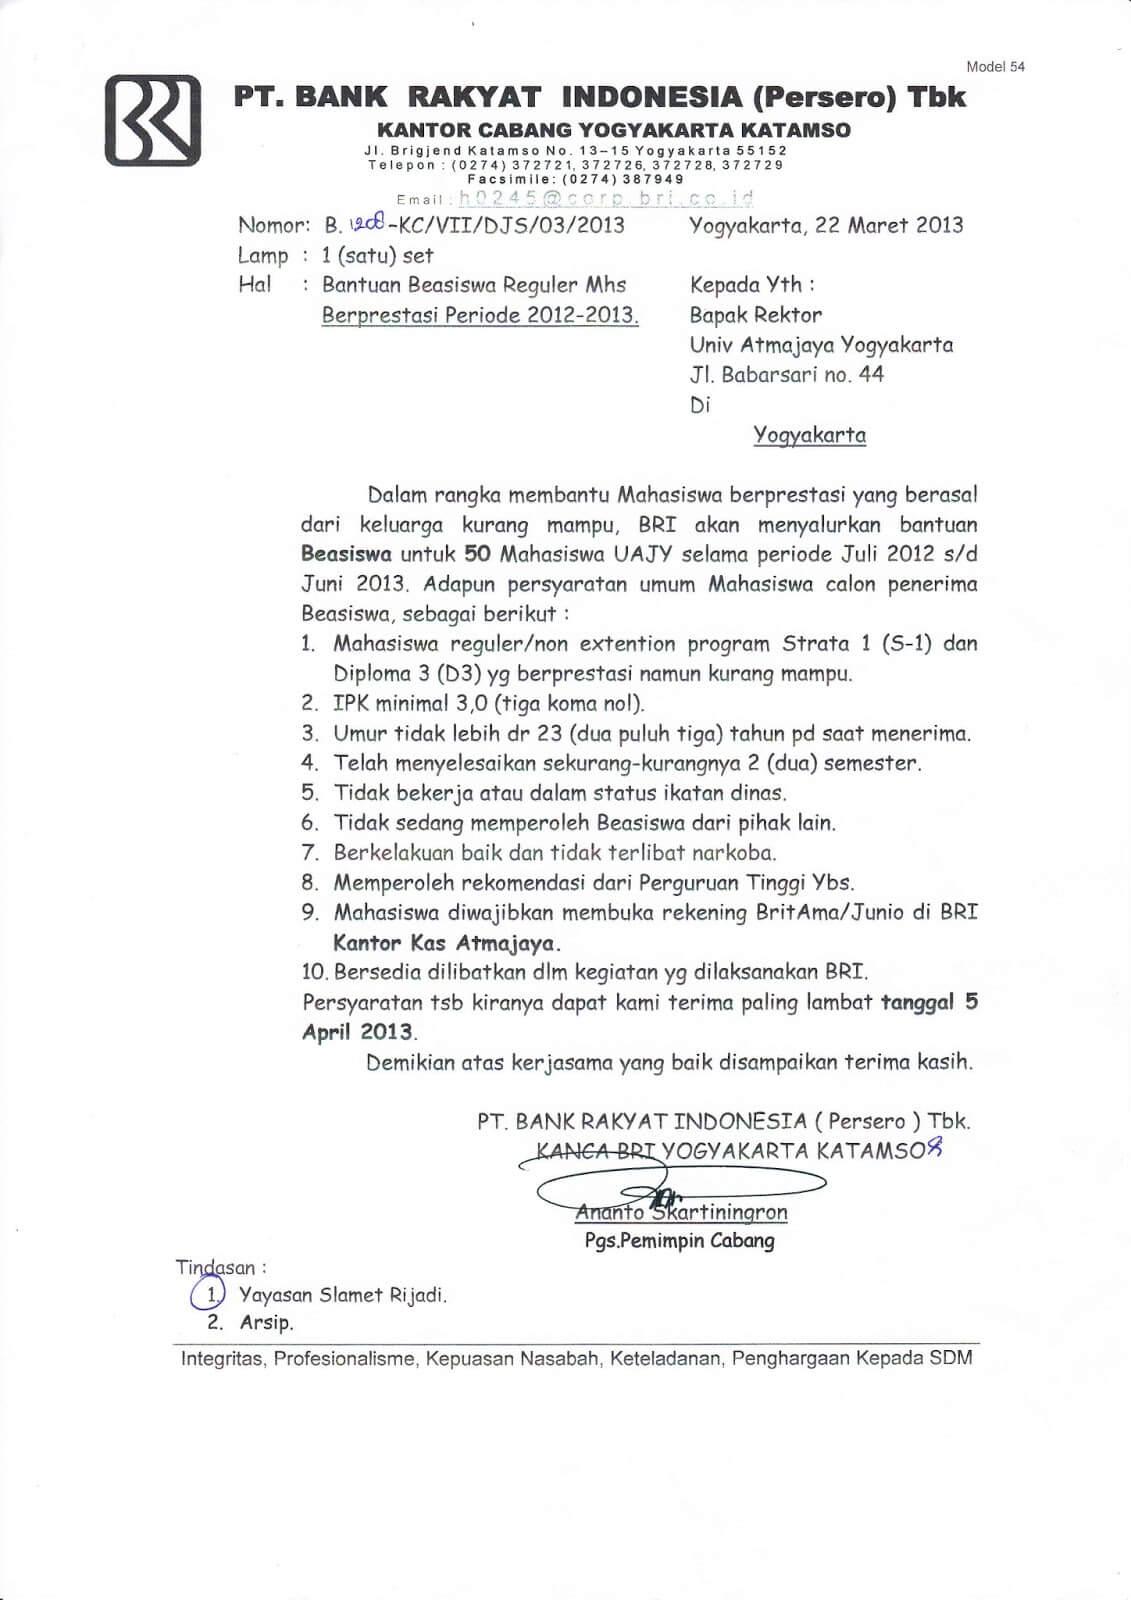 Contoh Surat Pemberitahuan Kegiatan Resmi Rt Contoh Surat